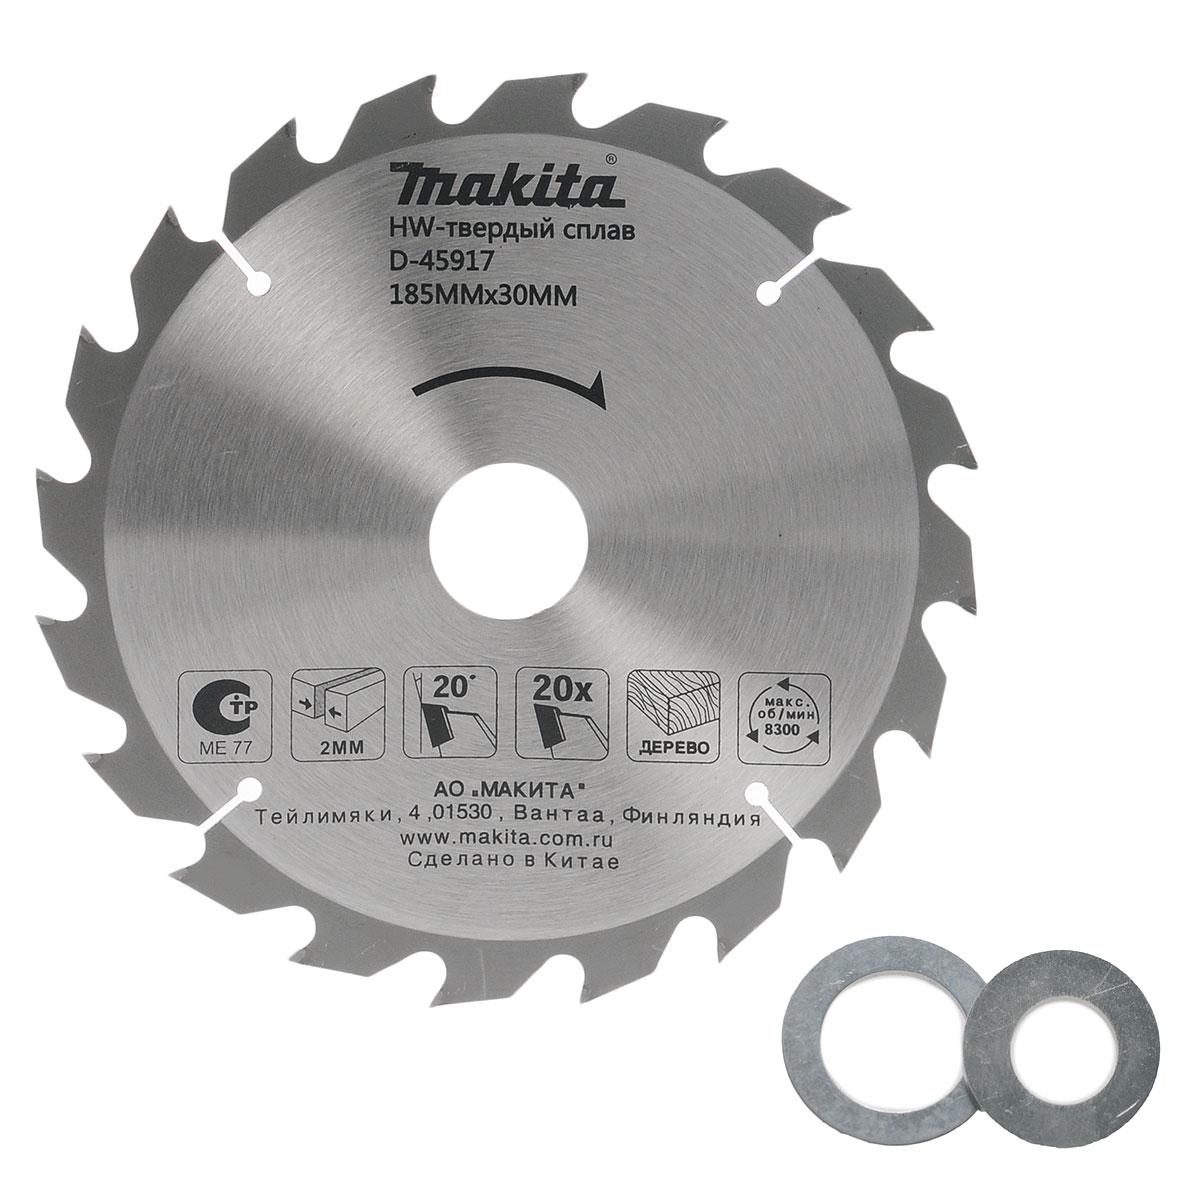 ���� ������� Makita D-45917, 185 �� - Makita175226�������������� ������� ���� Makita D-45917 ������������ ��� ������ � ������ ���������� ������������ ����, ������ ��� �������������� ���������, ��������� ����, ������ ��� ������� ���������.